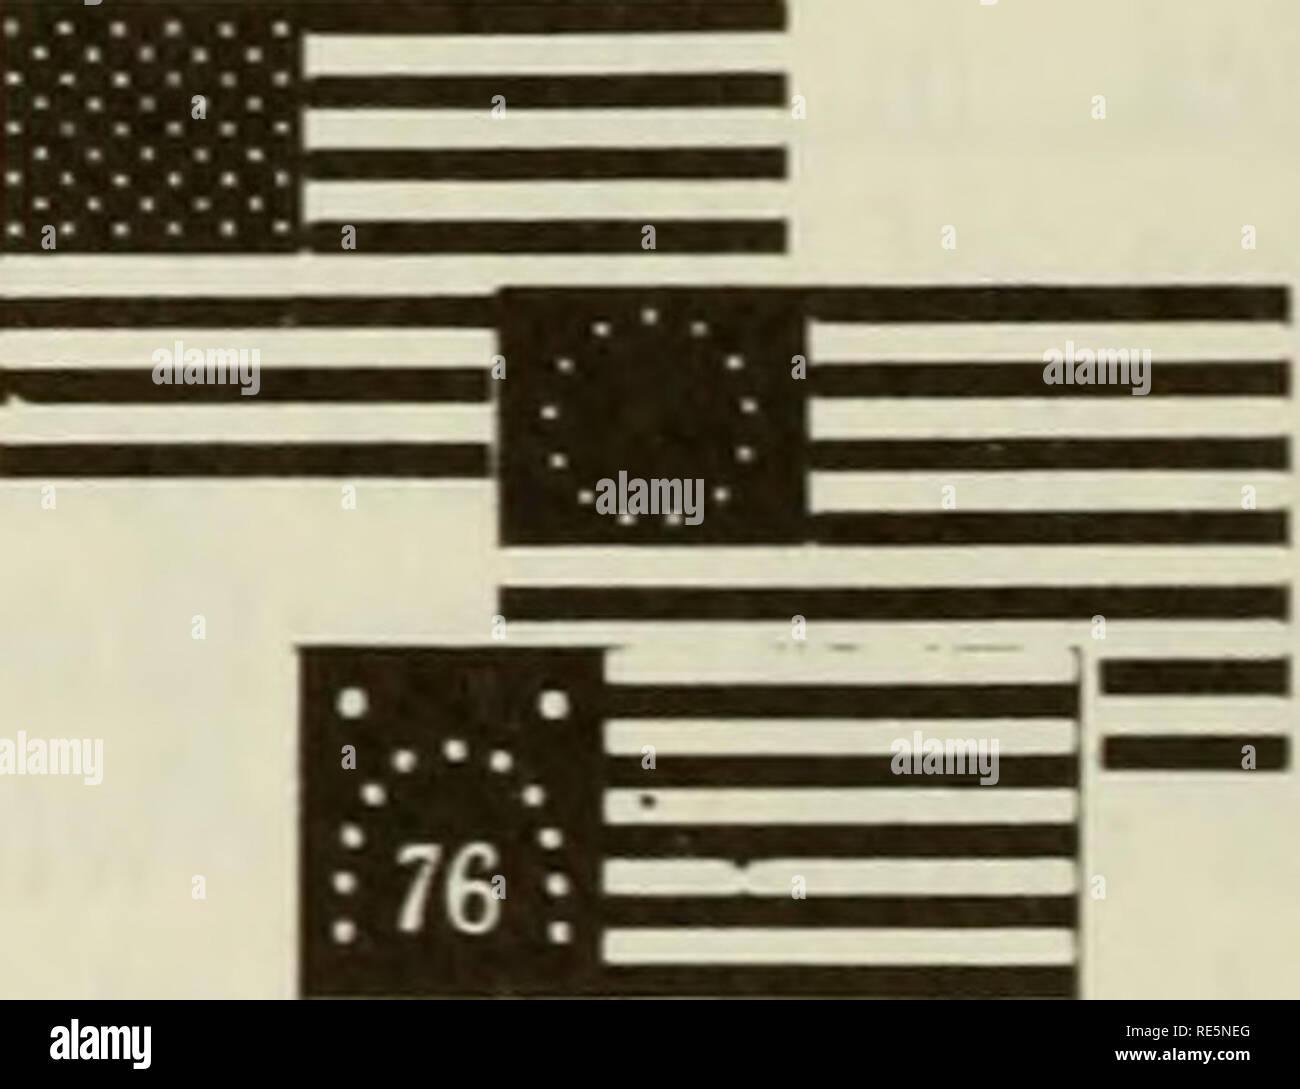 """. Les canneberges;: la canneberge national magazine. La canneberge. """"L'histoire de la United States Flag"""" à partir de la révolution à l'heure actuelle, y compris un guide pour son utilisation et l'affichage. Belle couleur pleine- illustrations et photographies, 190 pages. $3.95 chaque.. QUANI 50COÛT St.. """"™ Flagd Bennington) '^$8,95 Fenêtre Drapeau St.cuer(s) """"$.35 Je ny 3 lor SI) 50 revers Star P.nts) @&gt;$100 Bicentenmal Pm revers(s) .$1.00 Drapeau illustré H,story book(s) i$3/centenmal 95 B.bandeau de bouclier du pavillon s) i"""" $.50 Flag Vitrophanie pression sensible. S'applique à l'intérieur du verre. Choix de 50 étoiles, Paris Banque D'Images"""